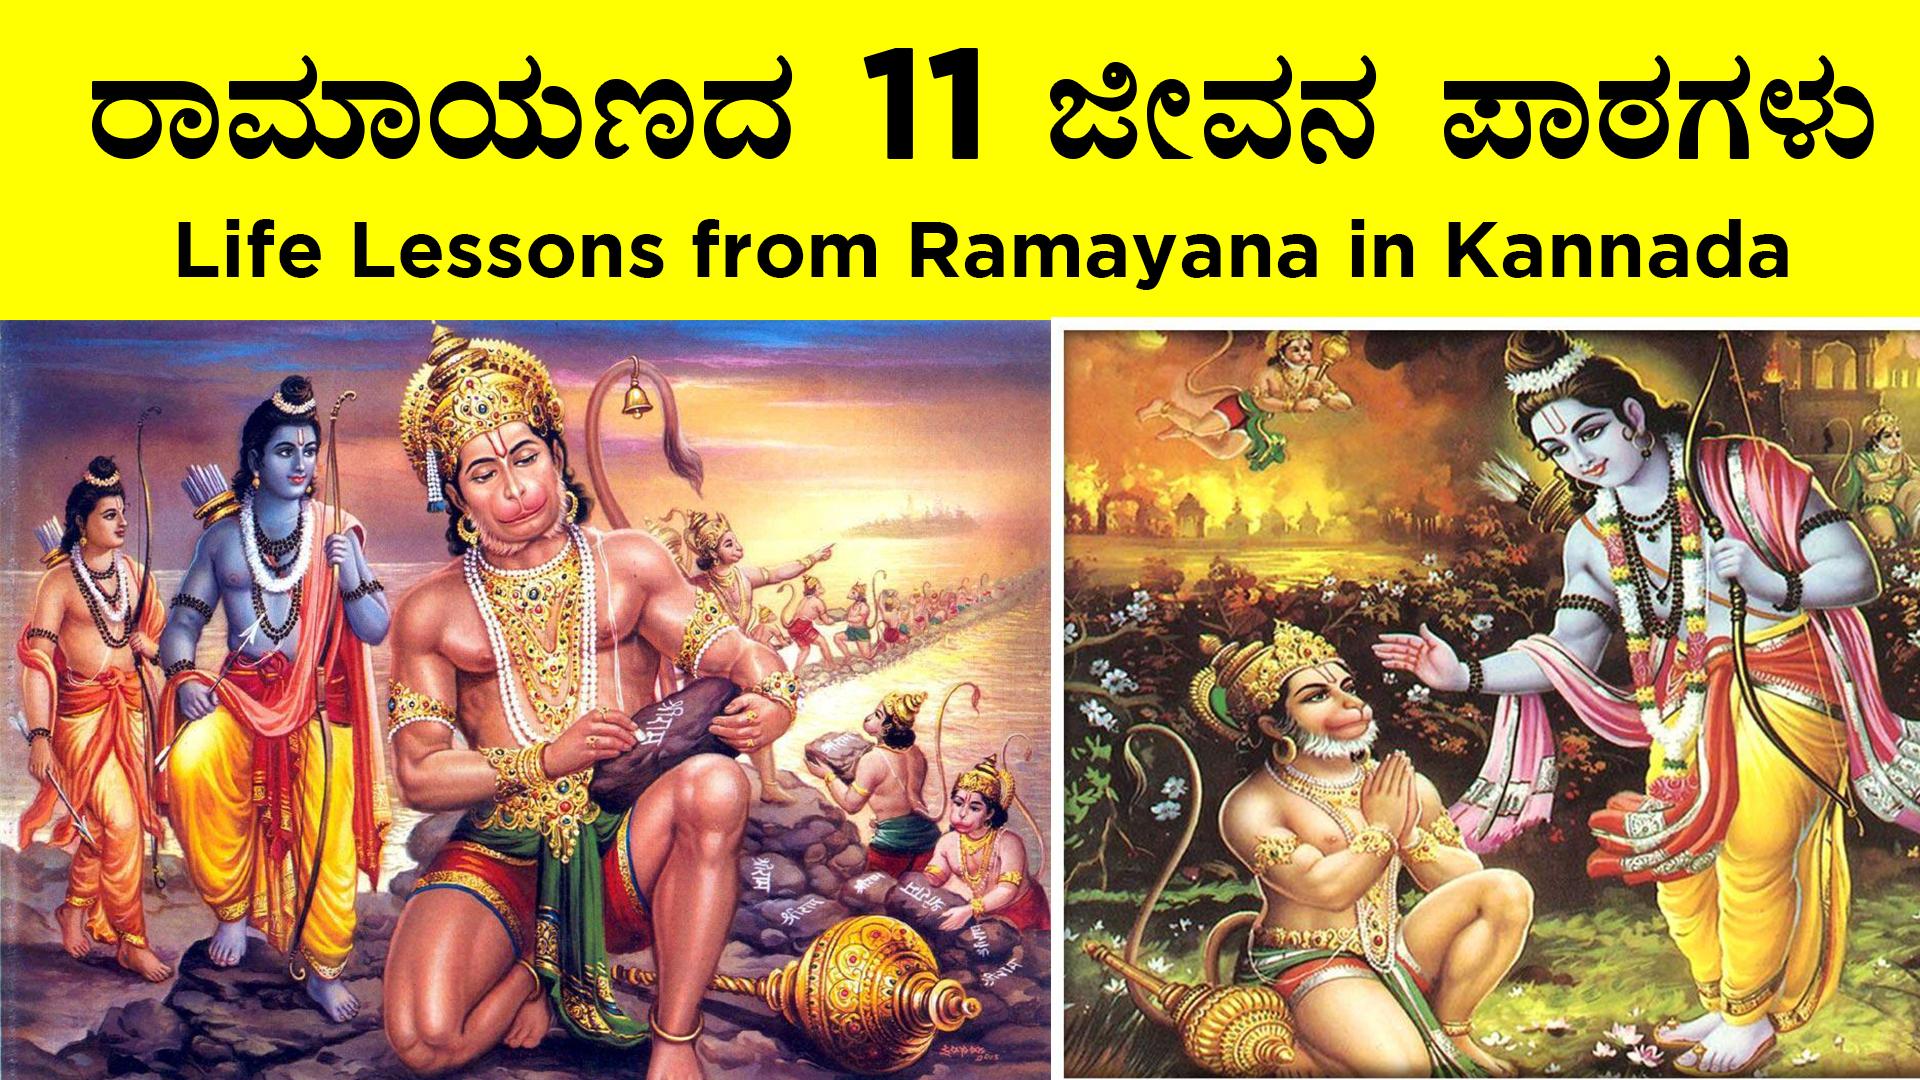 ರಾಮಾಯಣದ ಜೀವನ ಪಾಠಗಳು - Life Lessons from Ramayana in Kannada  - Ramayana Stories in Kannada